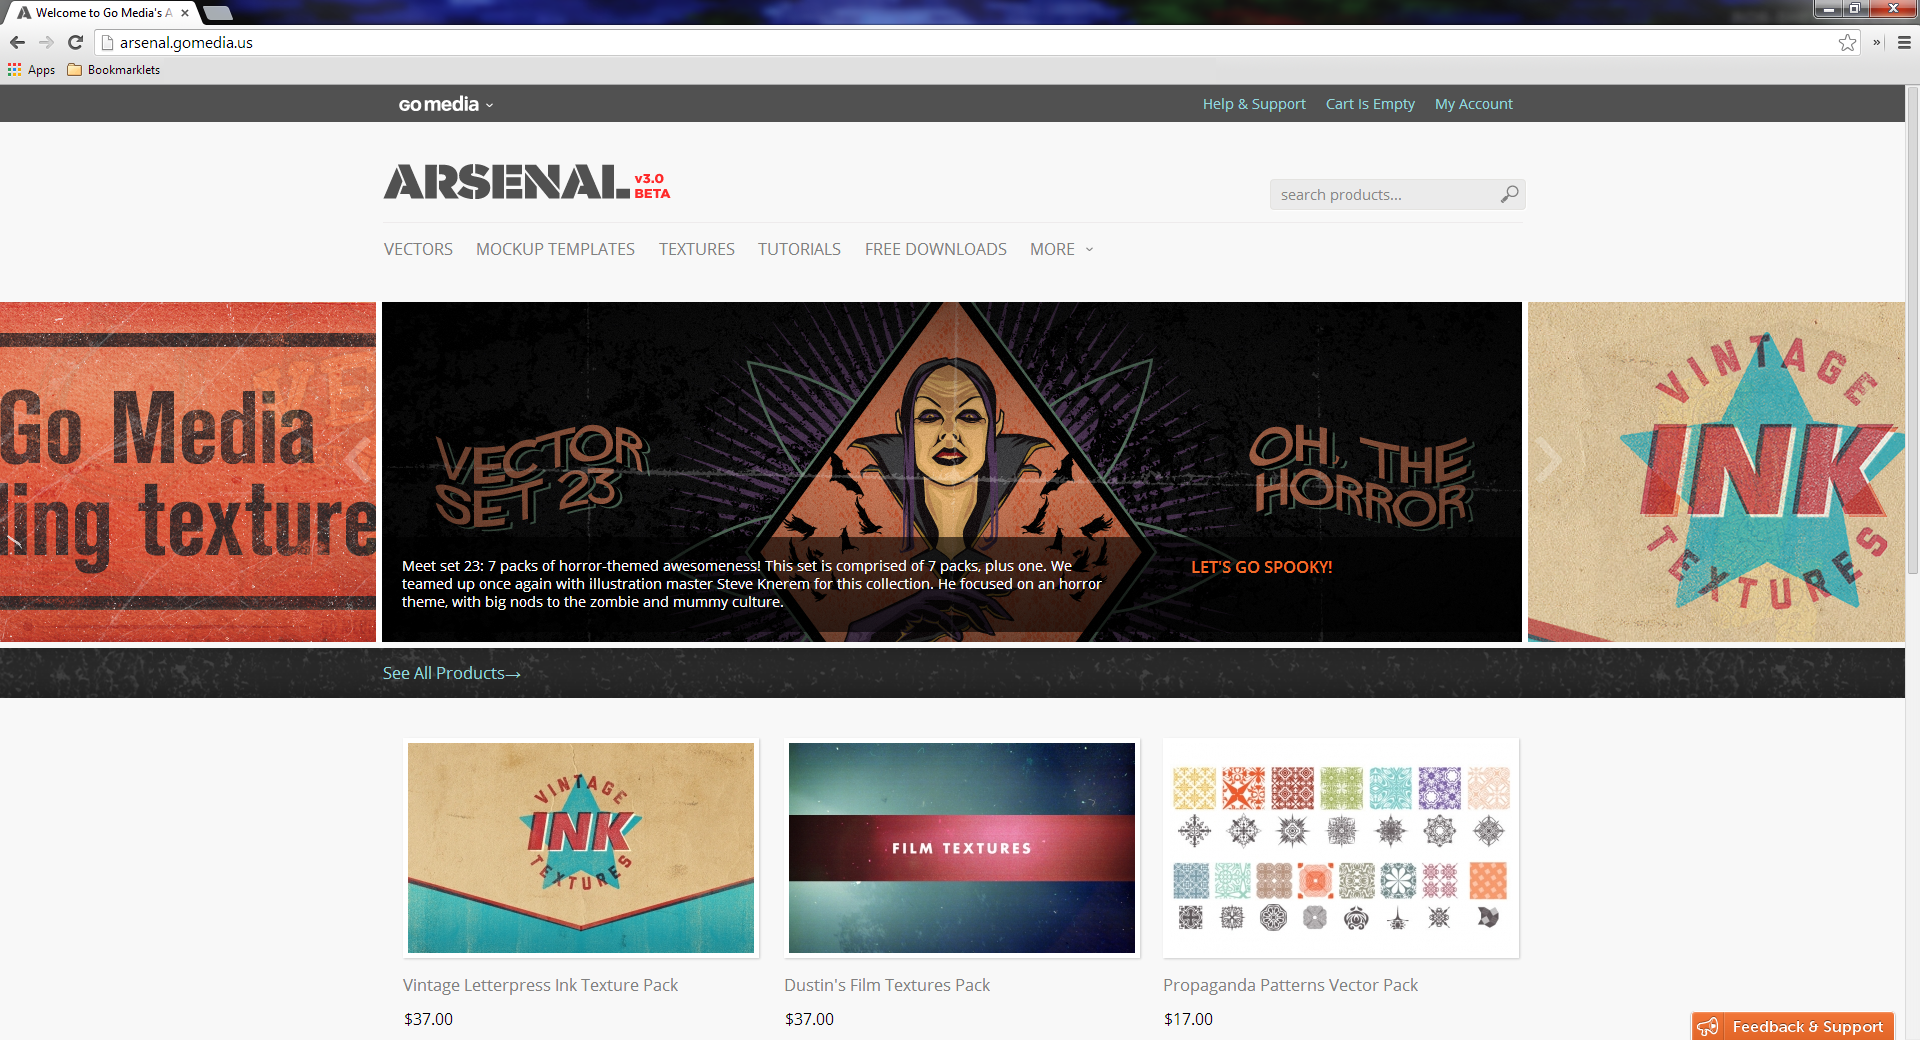 Arsenal v3 βeta homepage